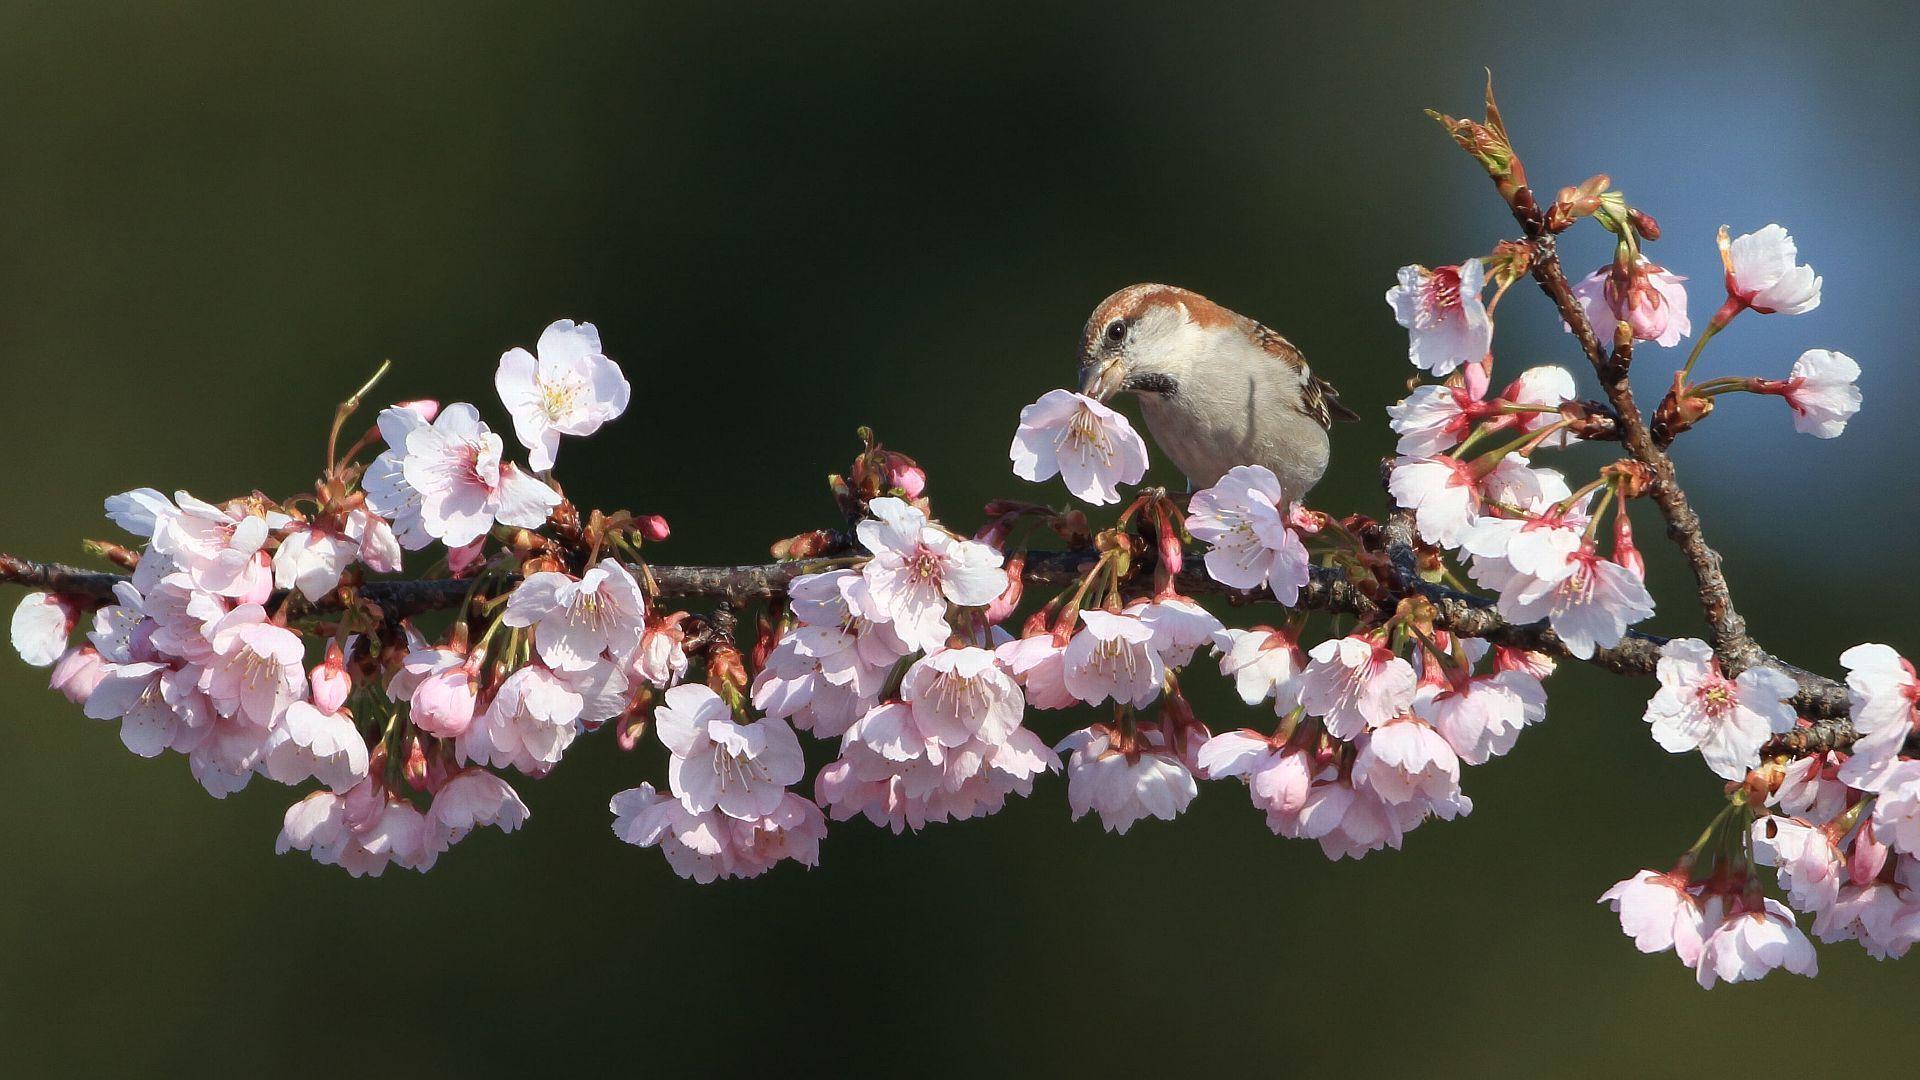 ちょうど一年前のニュウナイスズメと桜_f0105570_21313829.jpg